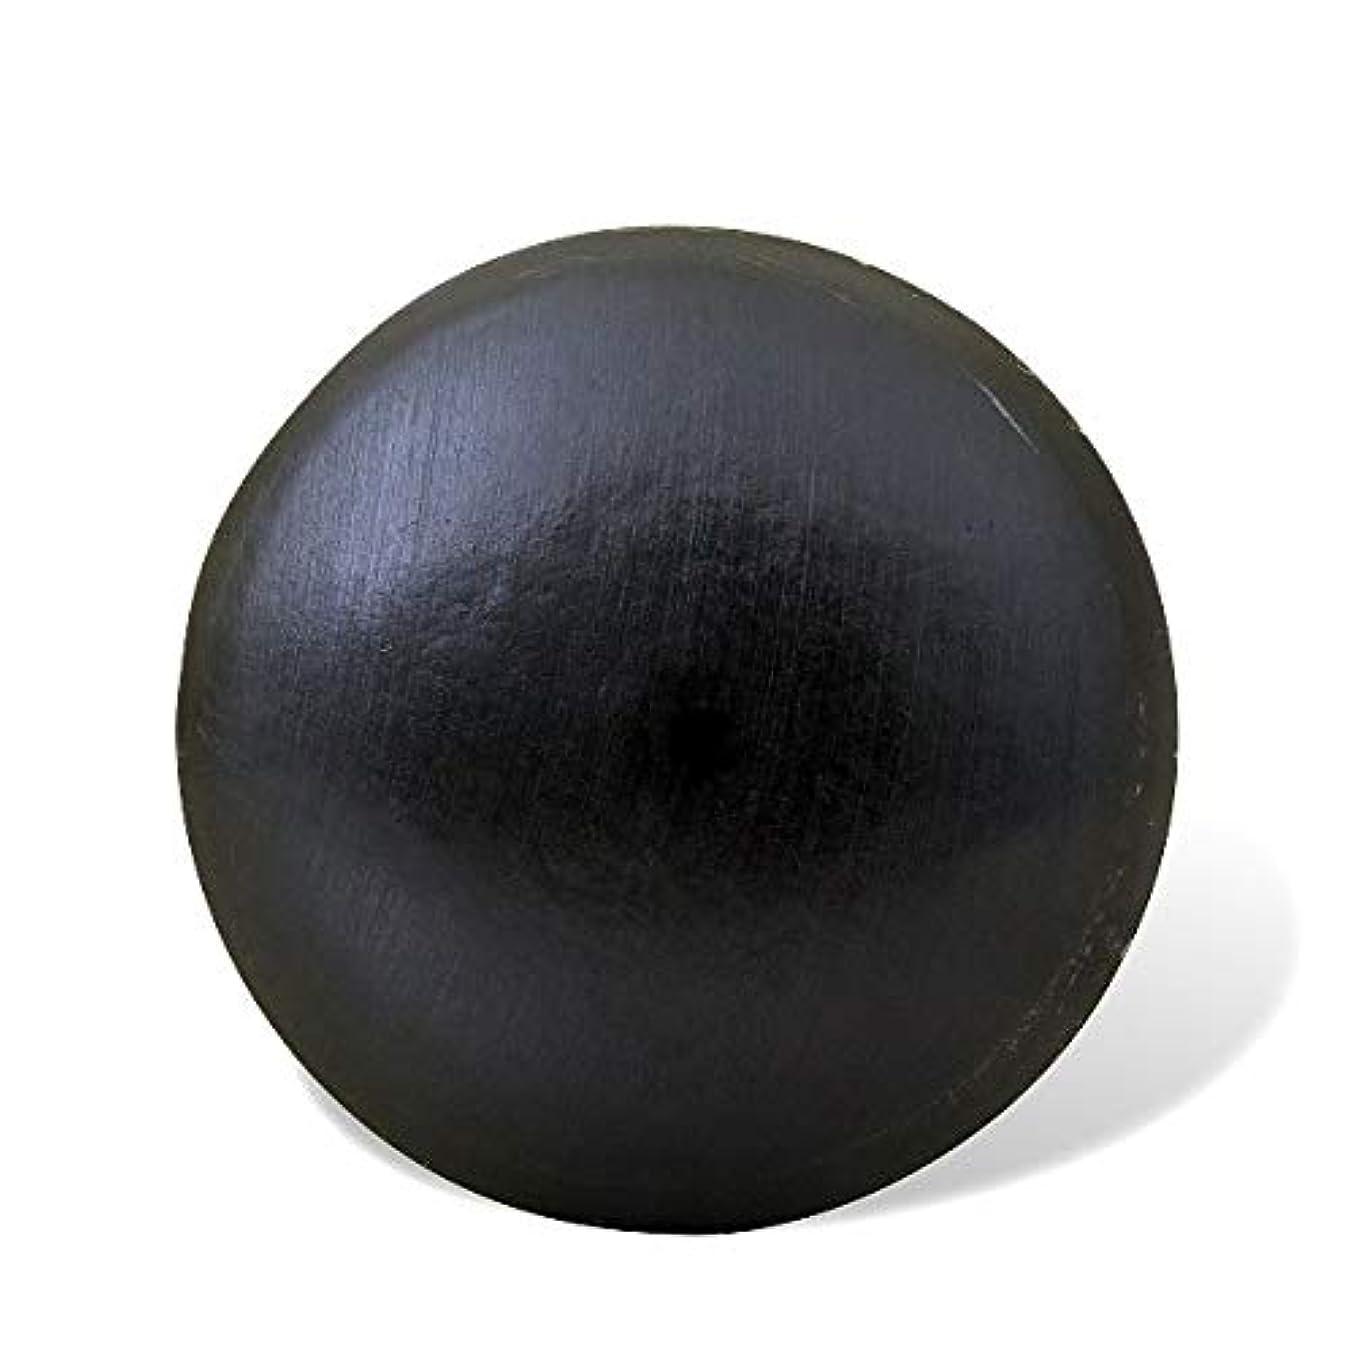 井上誠耕園 釜焚きオリーブ石鹸(洗顔用) 100g×2個セット